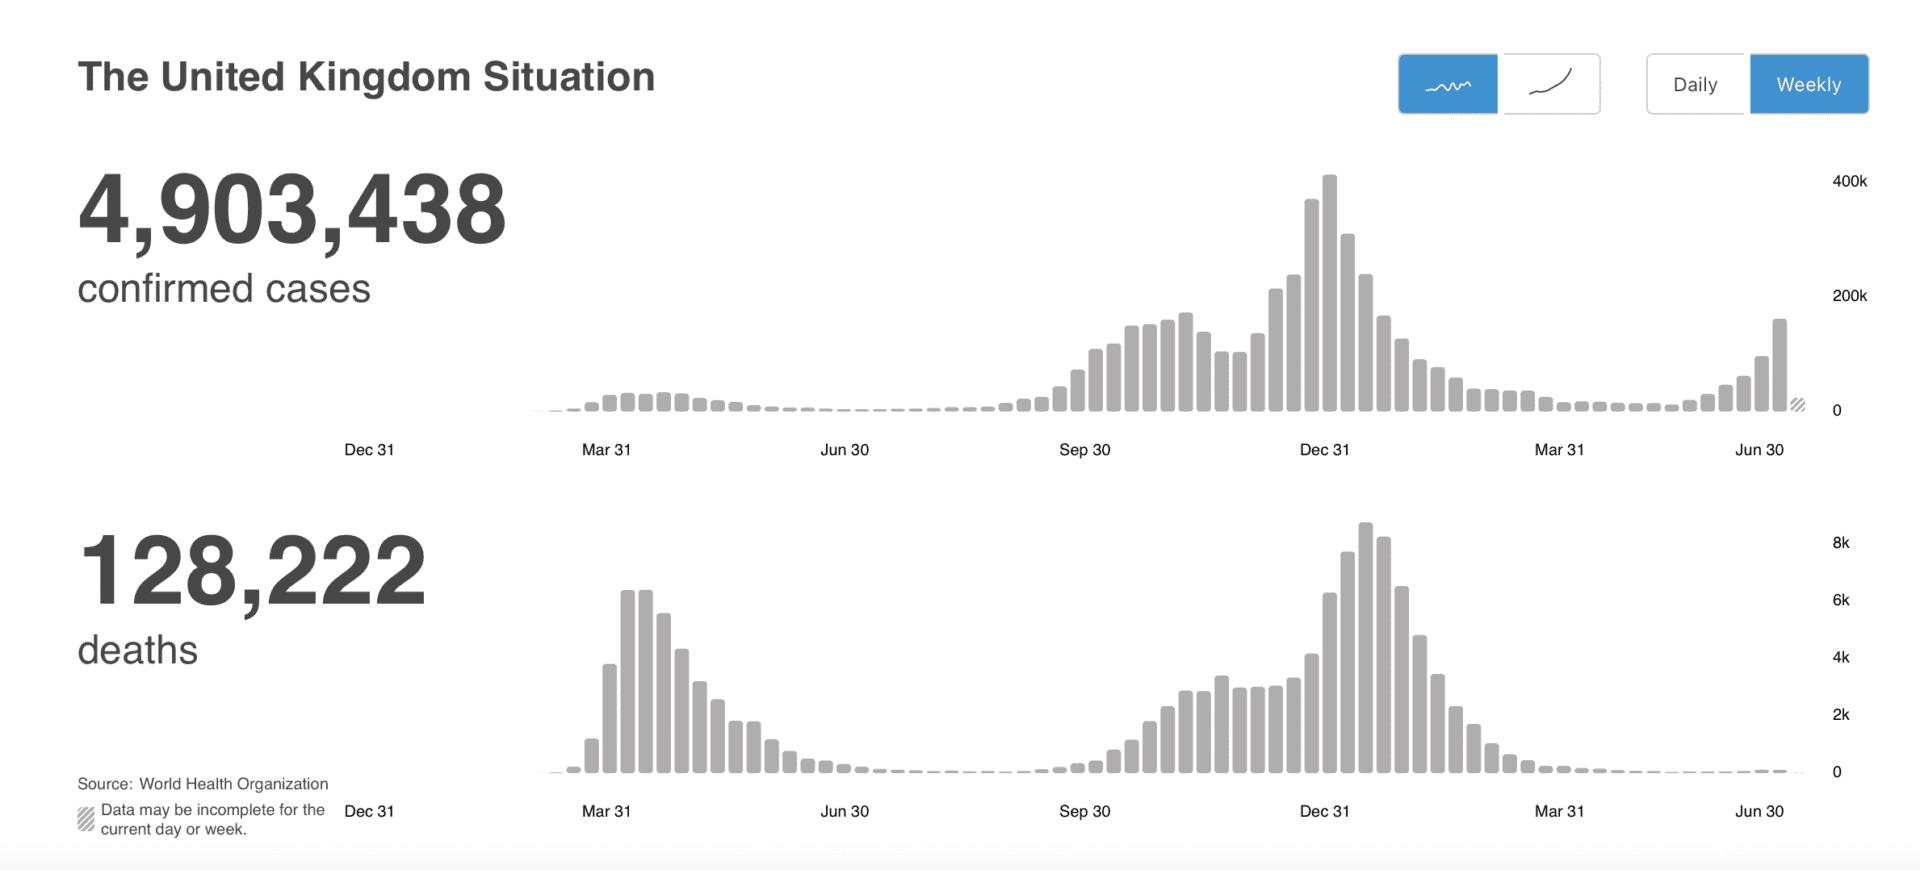 Wykresy przedstawiają liczbę potwierdzonych przypadków COVID-19 iśmierci zpowodu koronawirusa wWielkiej Brytanii od wybuchu pandemii (w ujęciu tygodniowym).